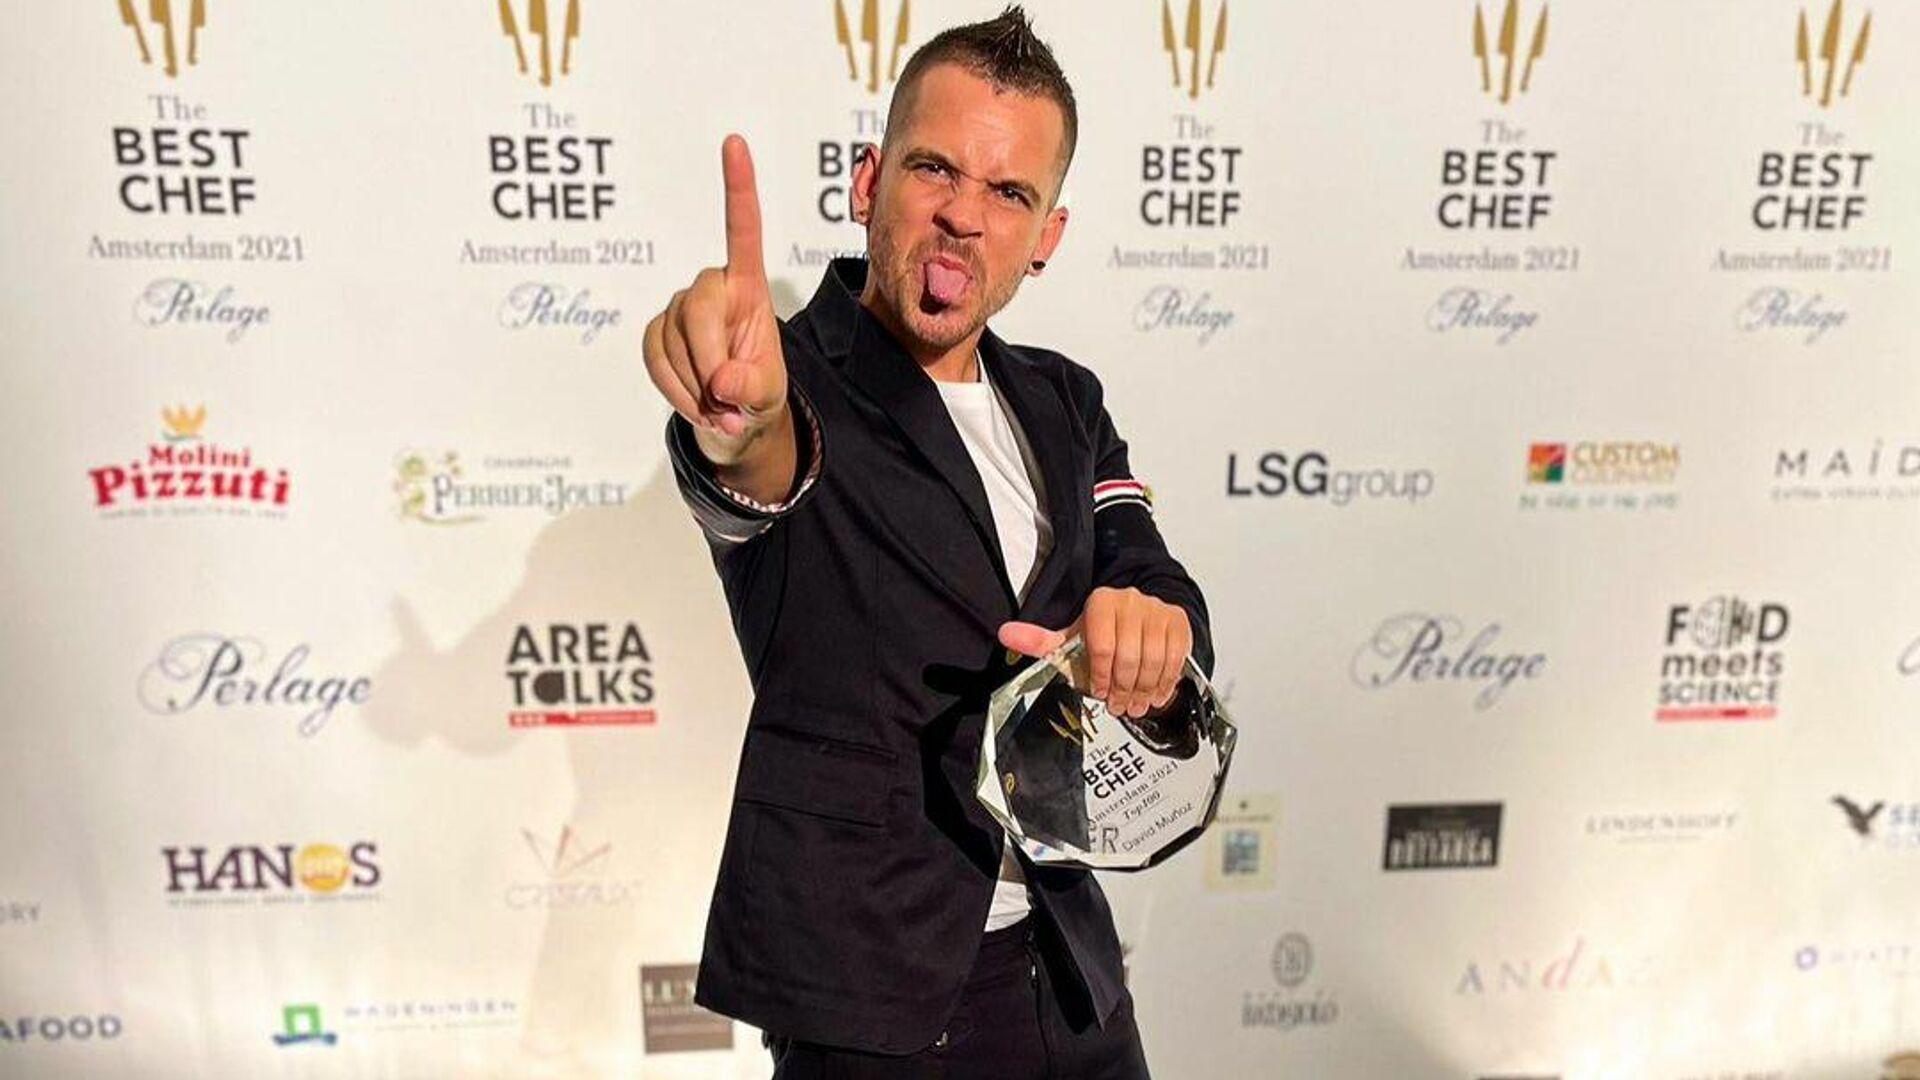 Dabiz Muñoz recogiendo el premio The Best Chef 2021 - Sputnik Mundo, 1920, 16.09.2021